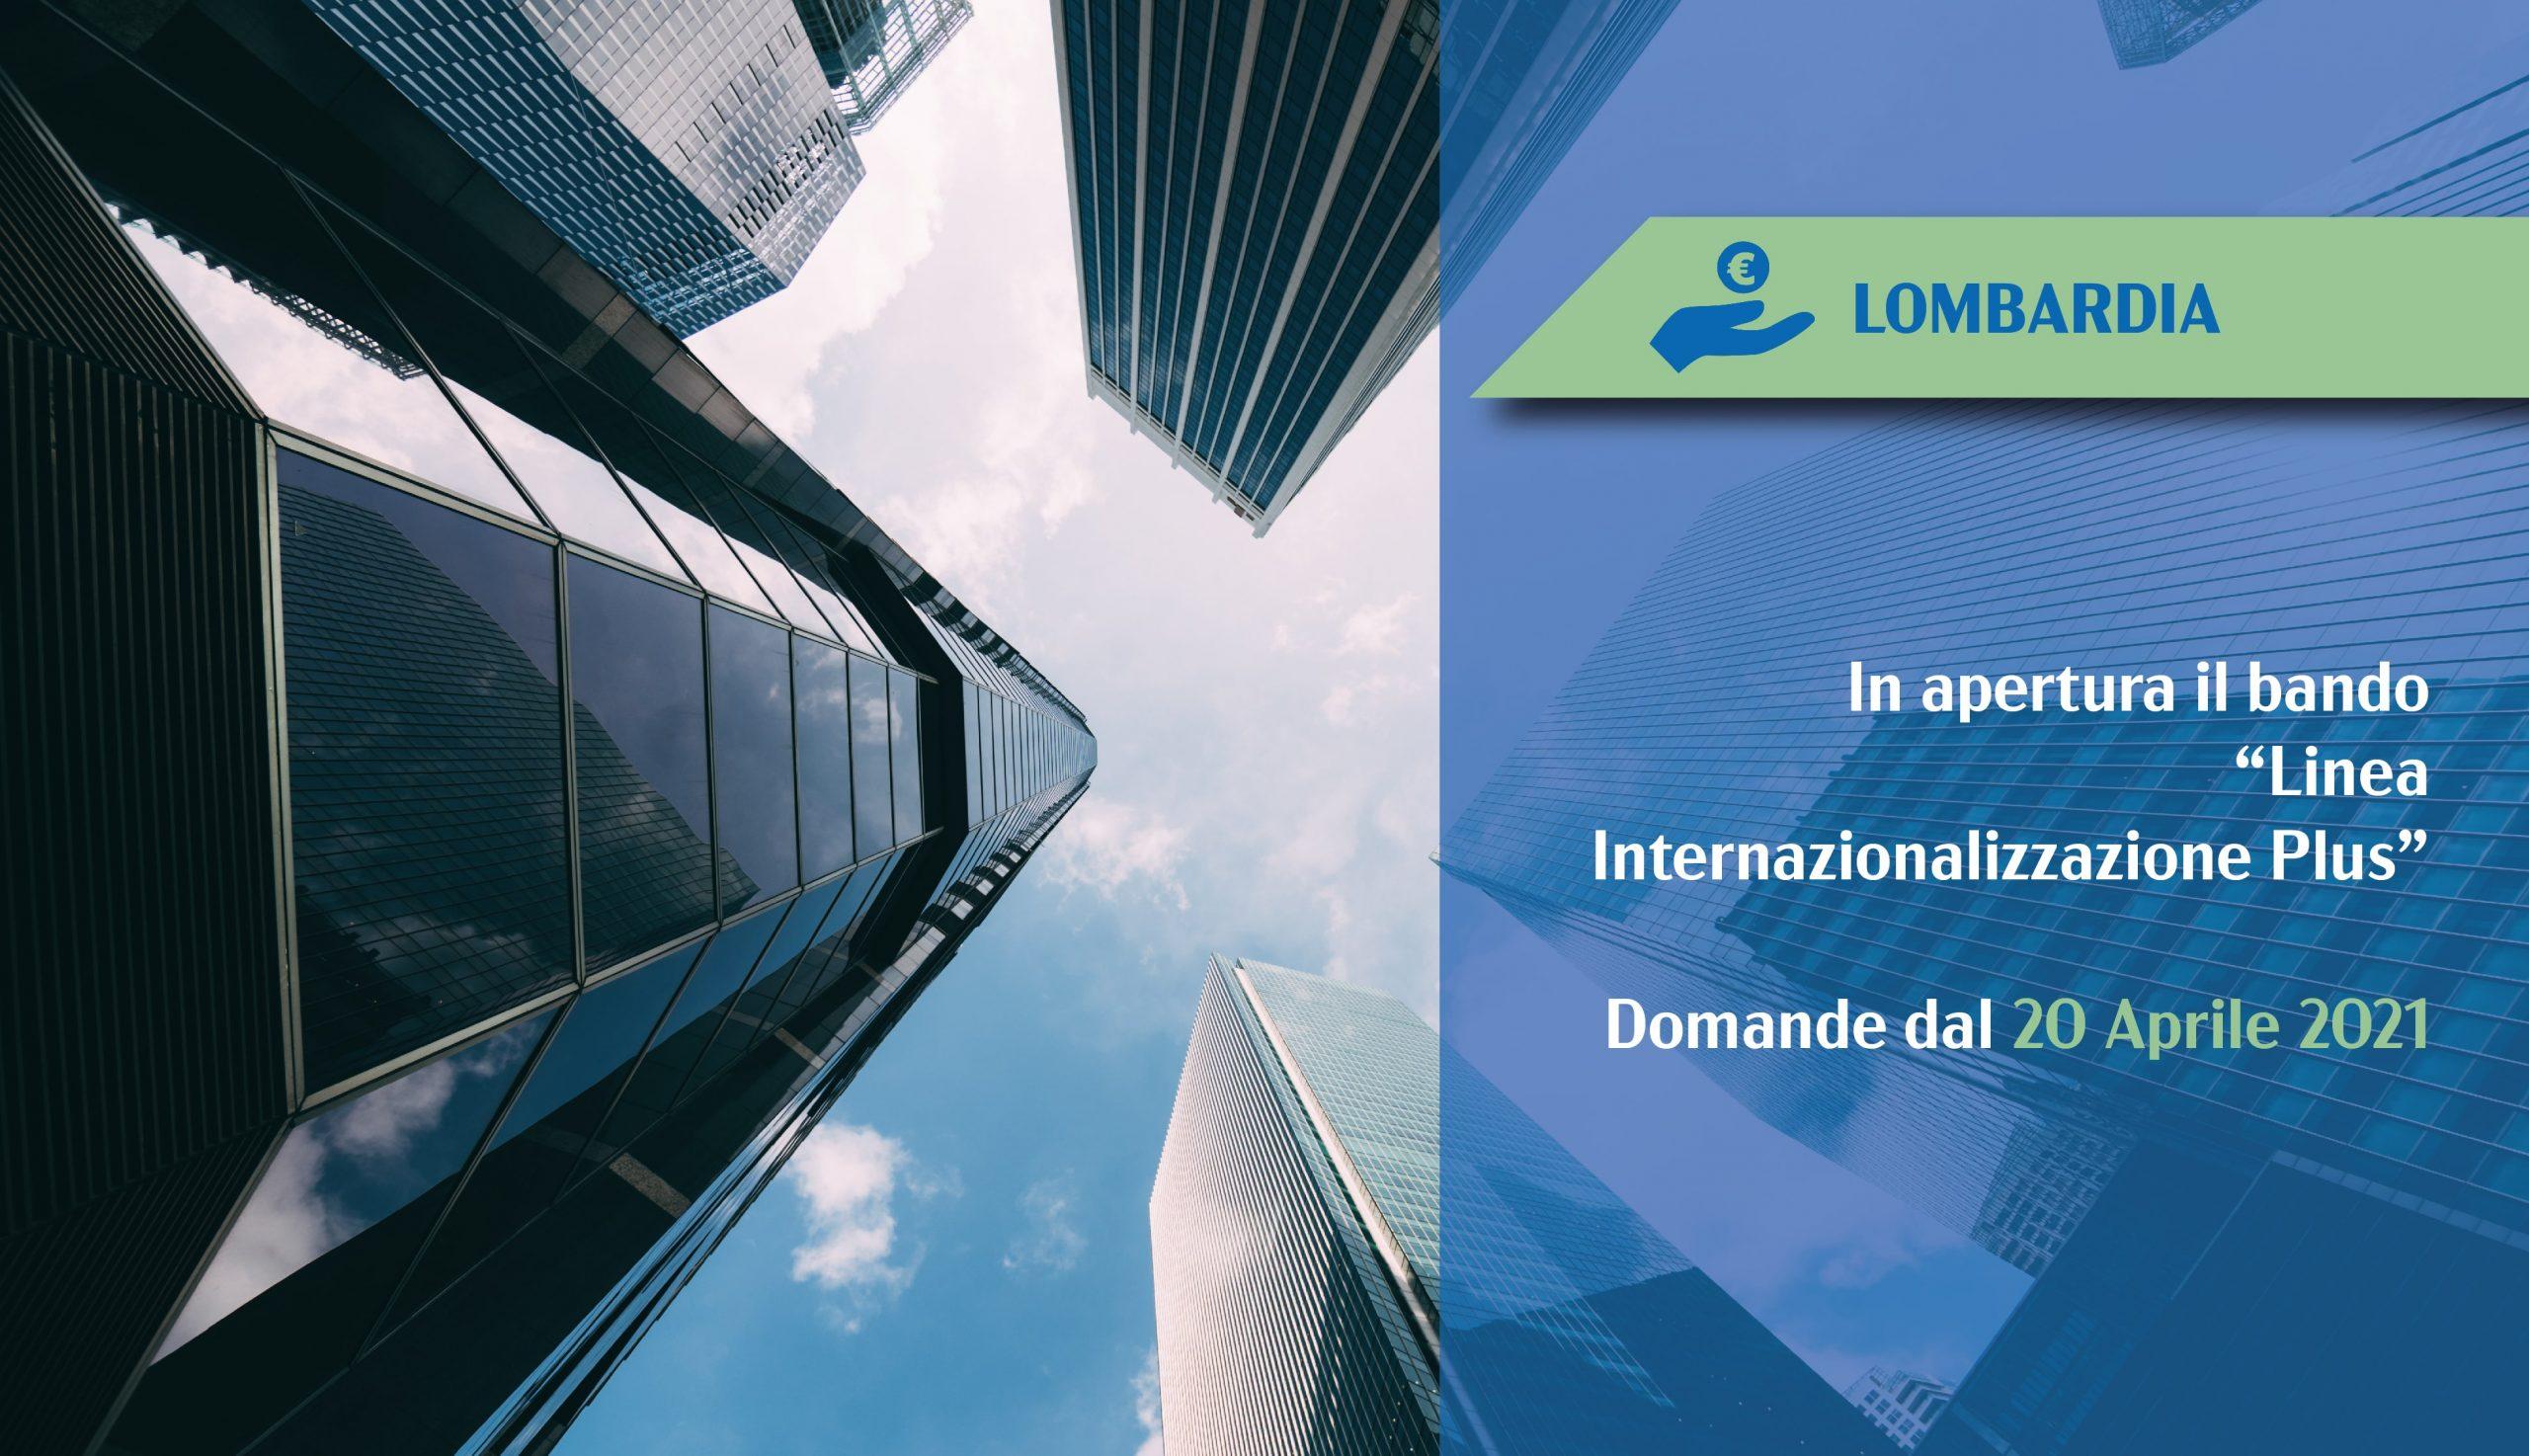 lombardia internazionalizzazione